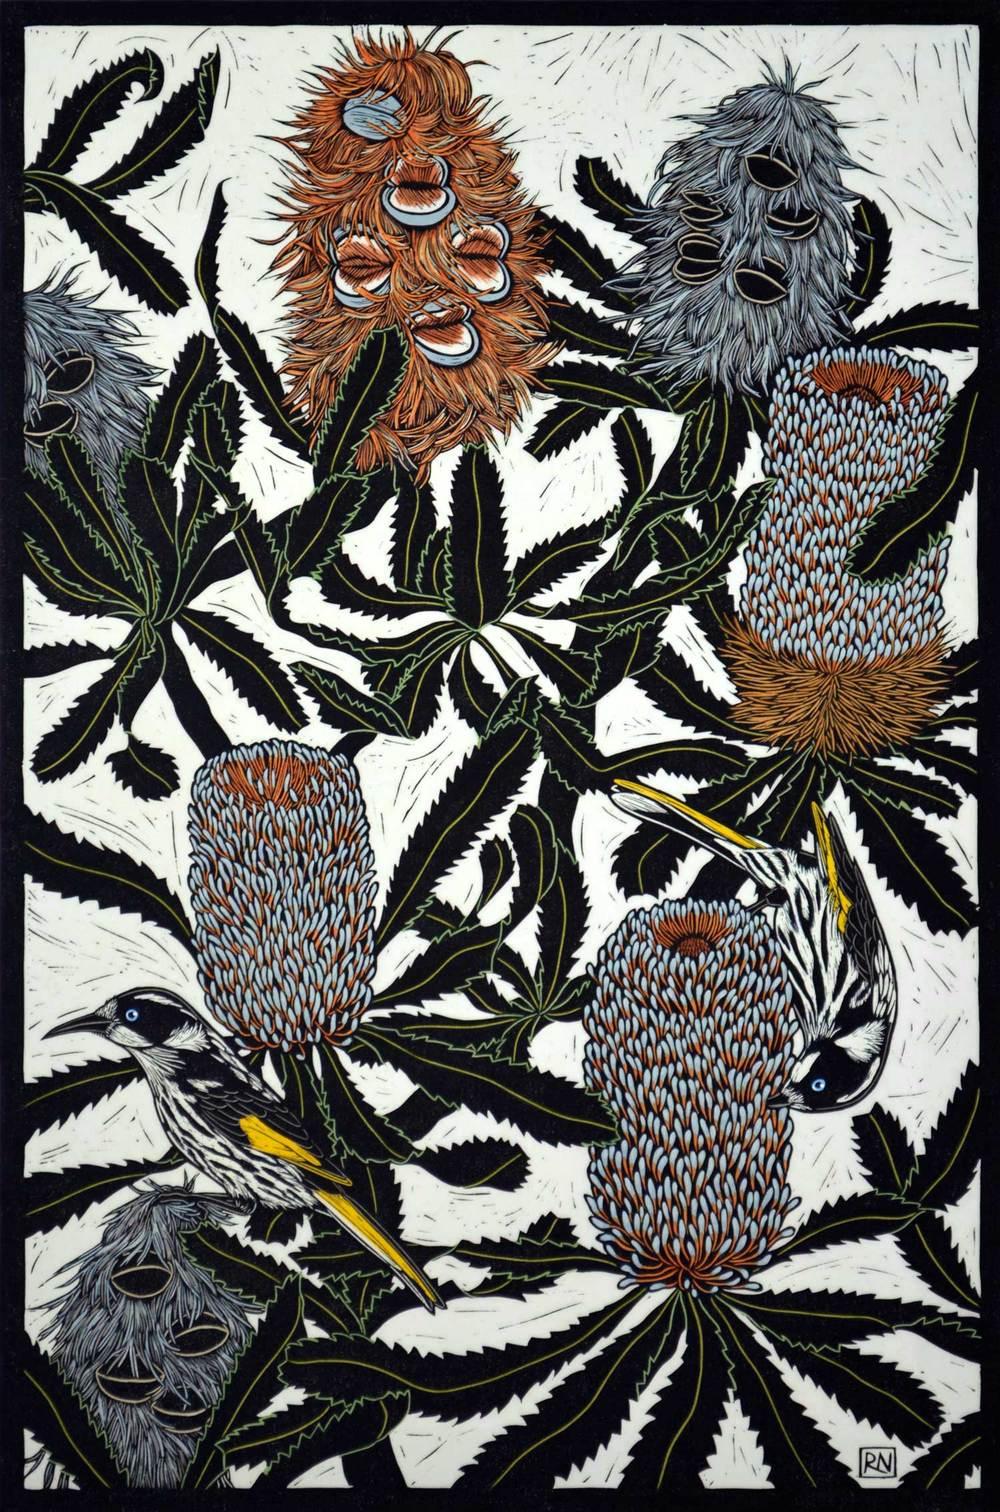 banksia-honeyeater-linocut-rachel-newling.jpg